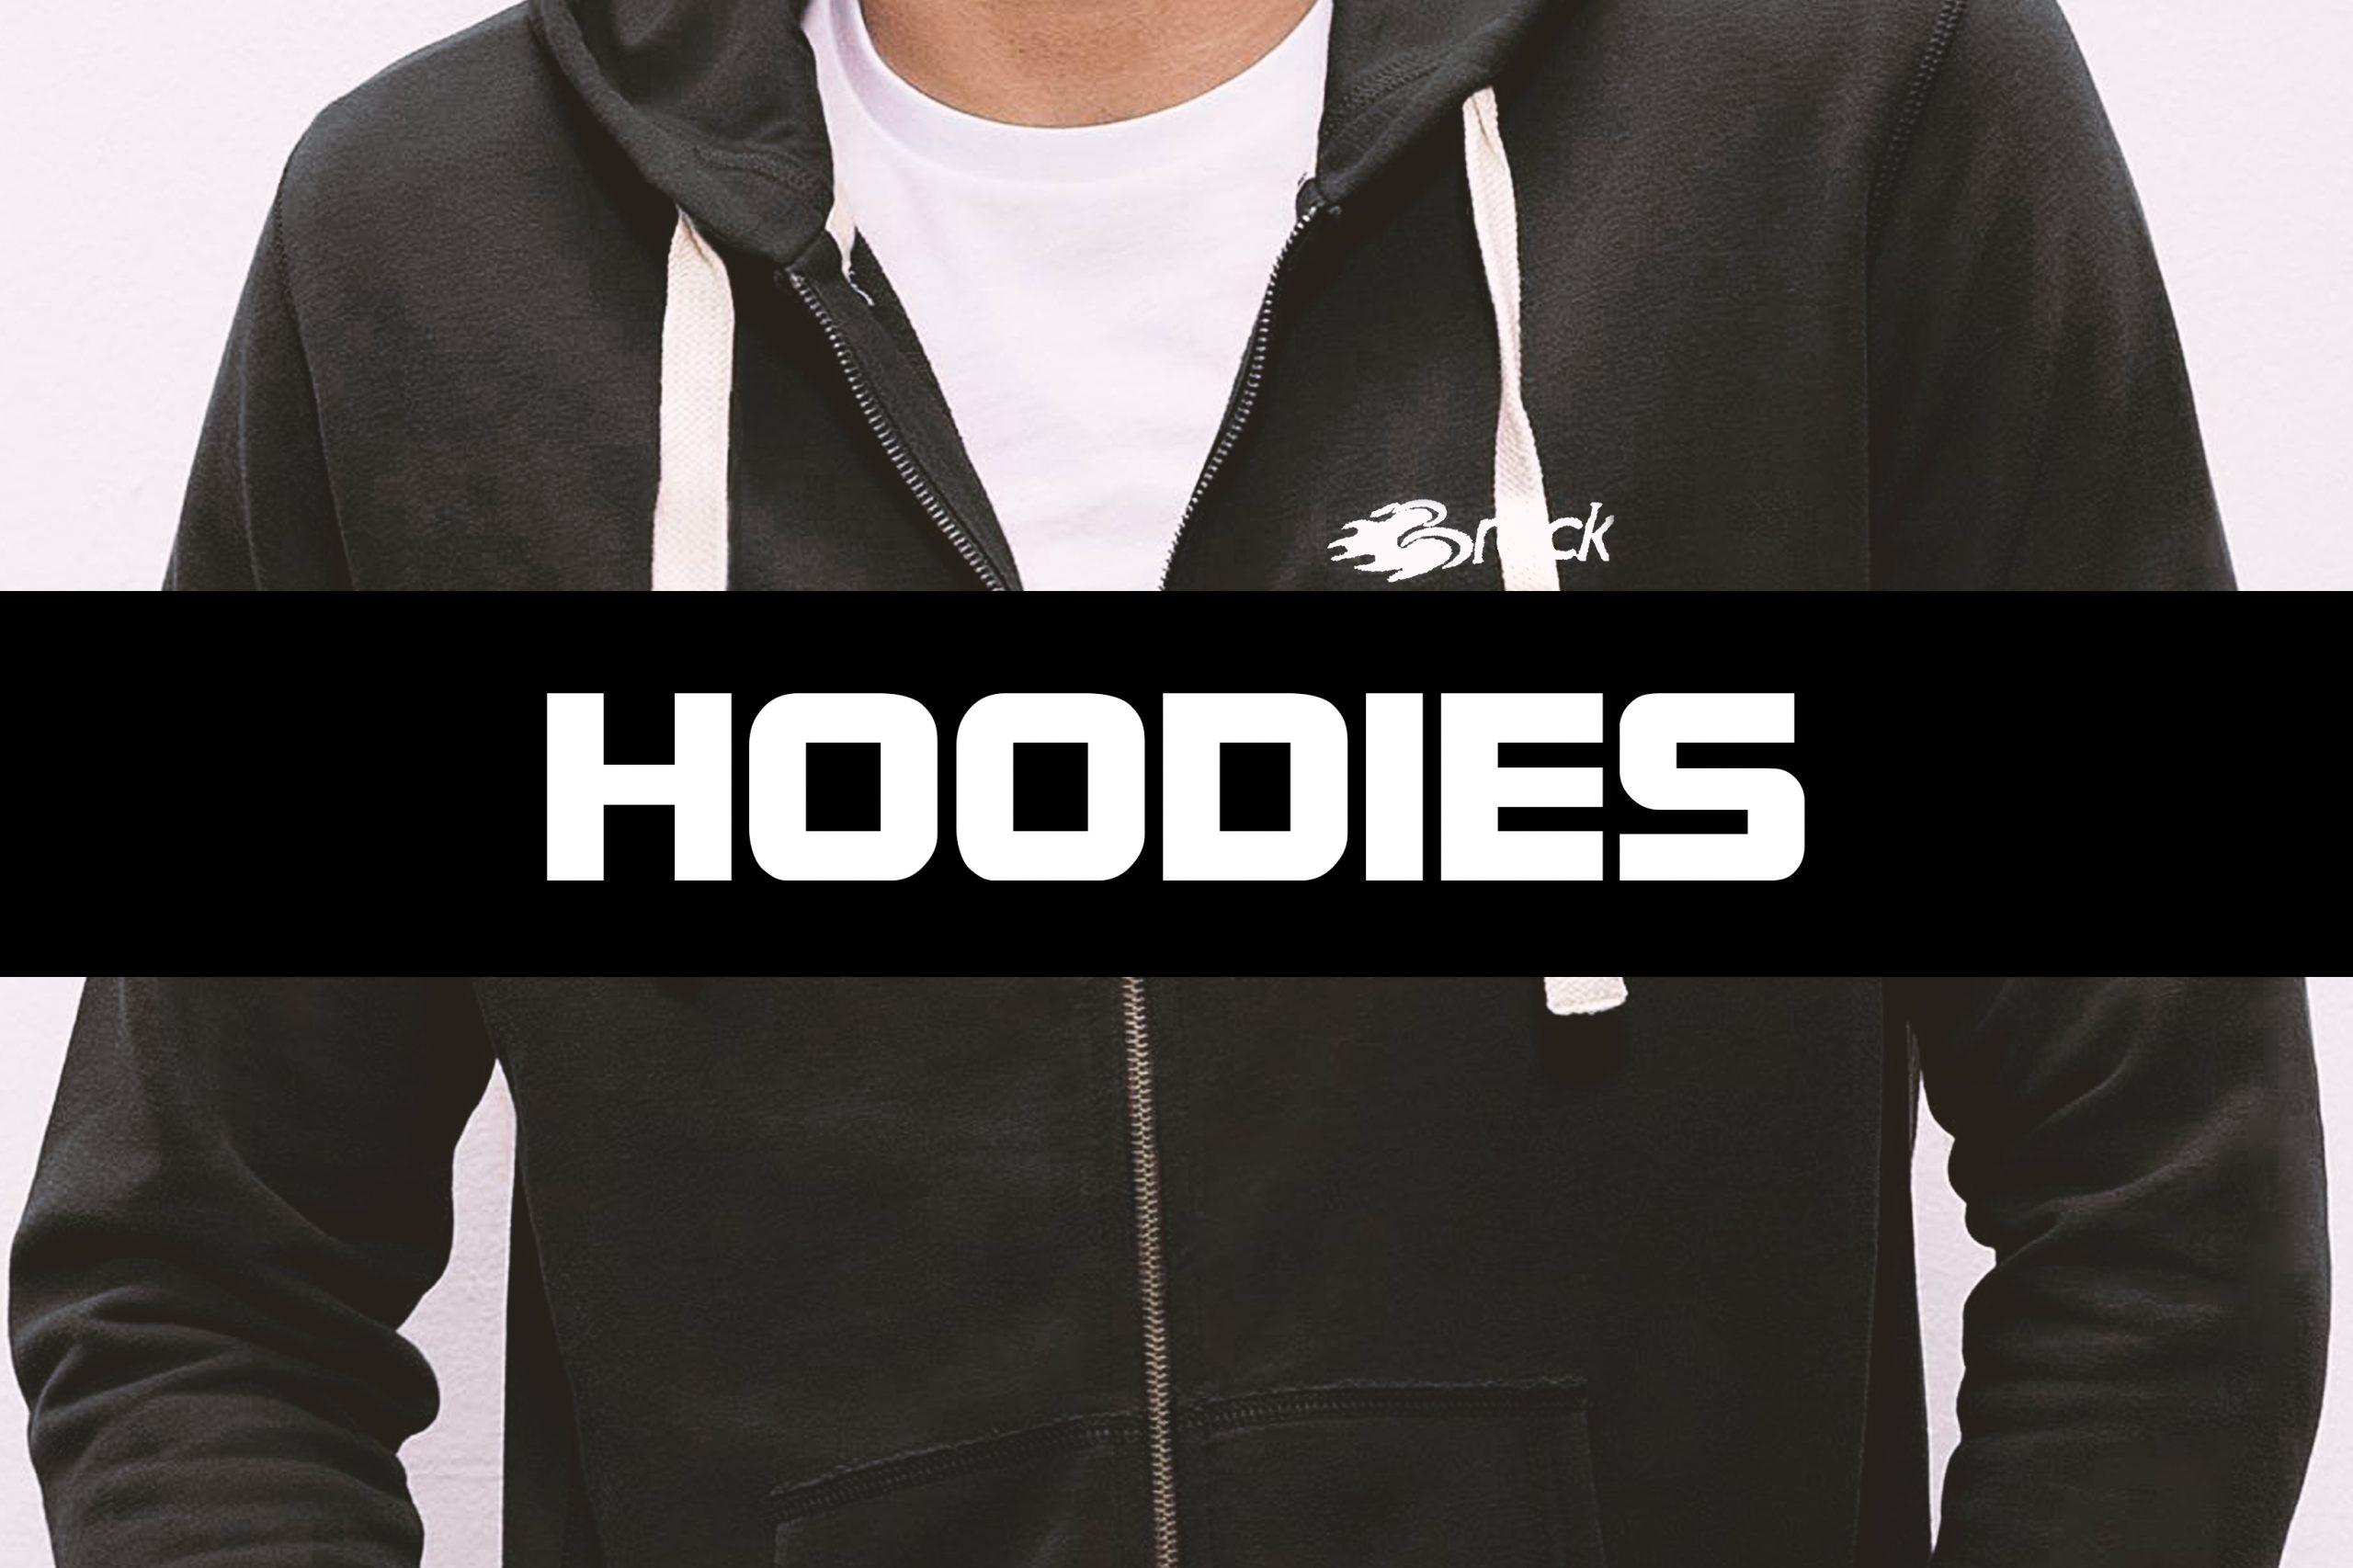 Hoddies